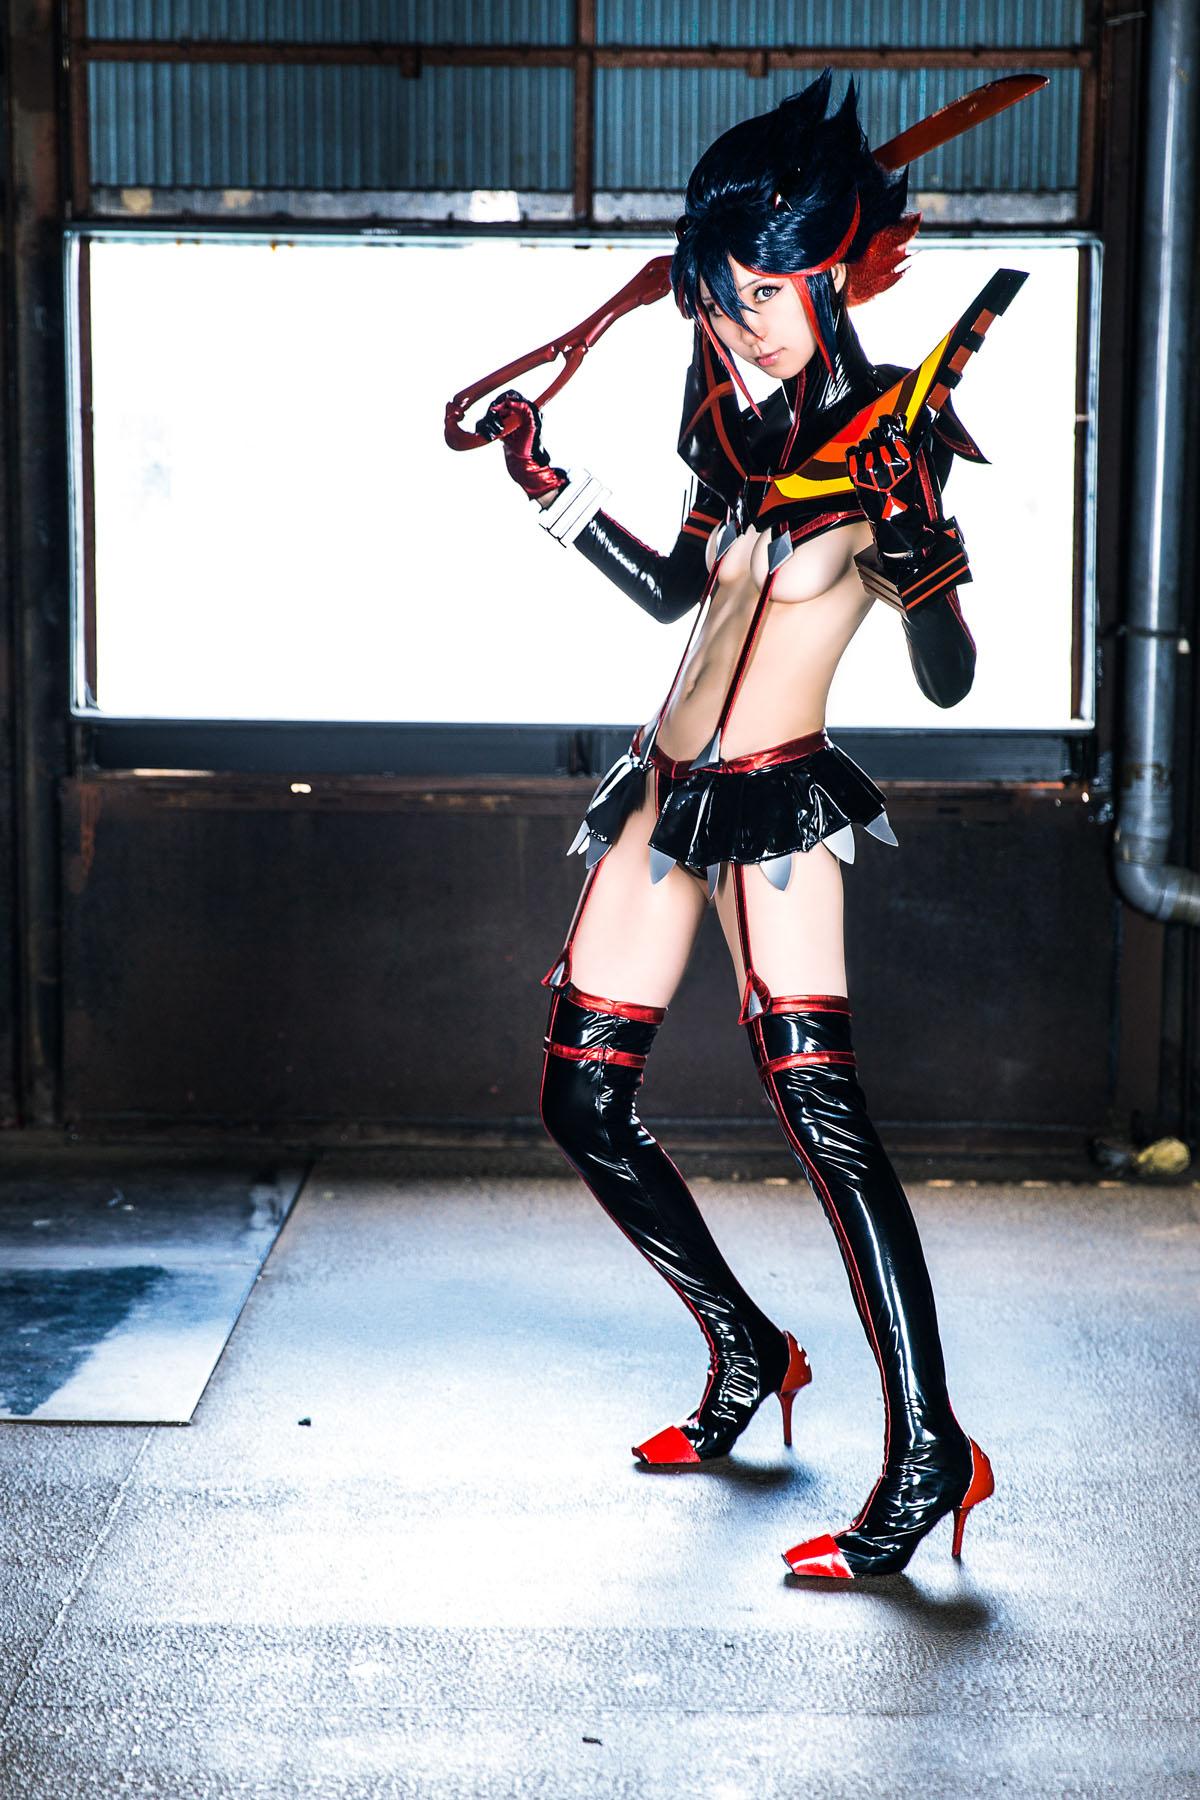 Kill la Kill Ryuuko Matoi anime cosplay by Mikehouse 0001